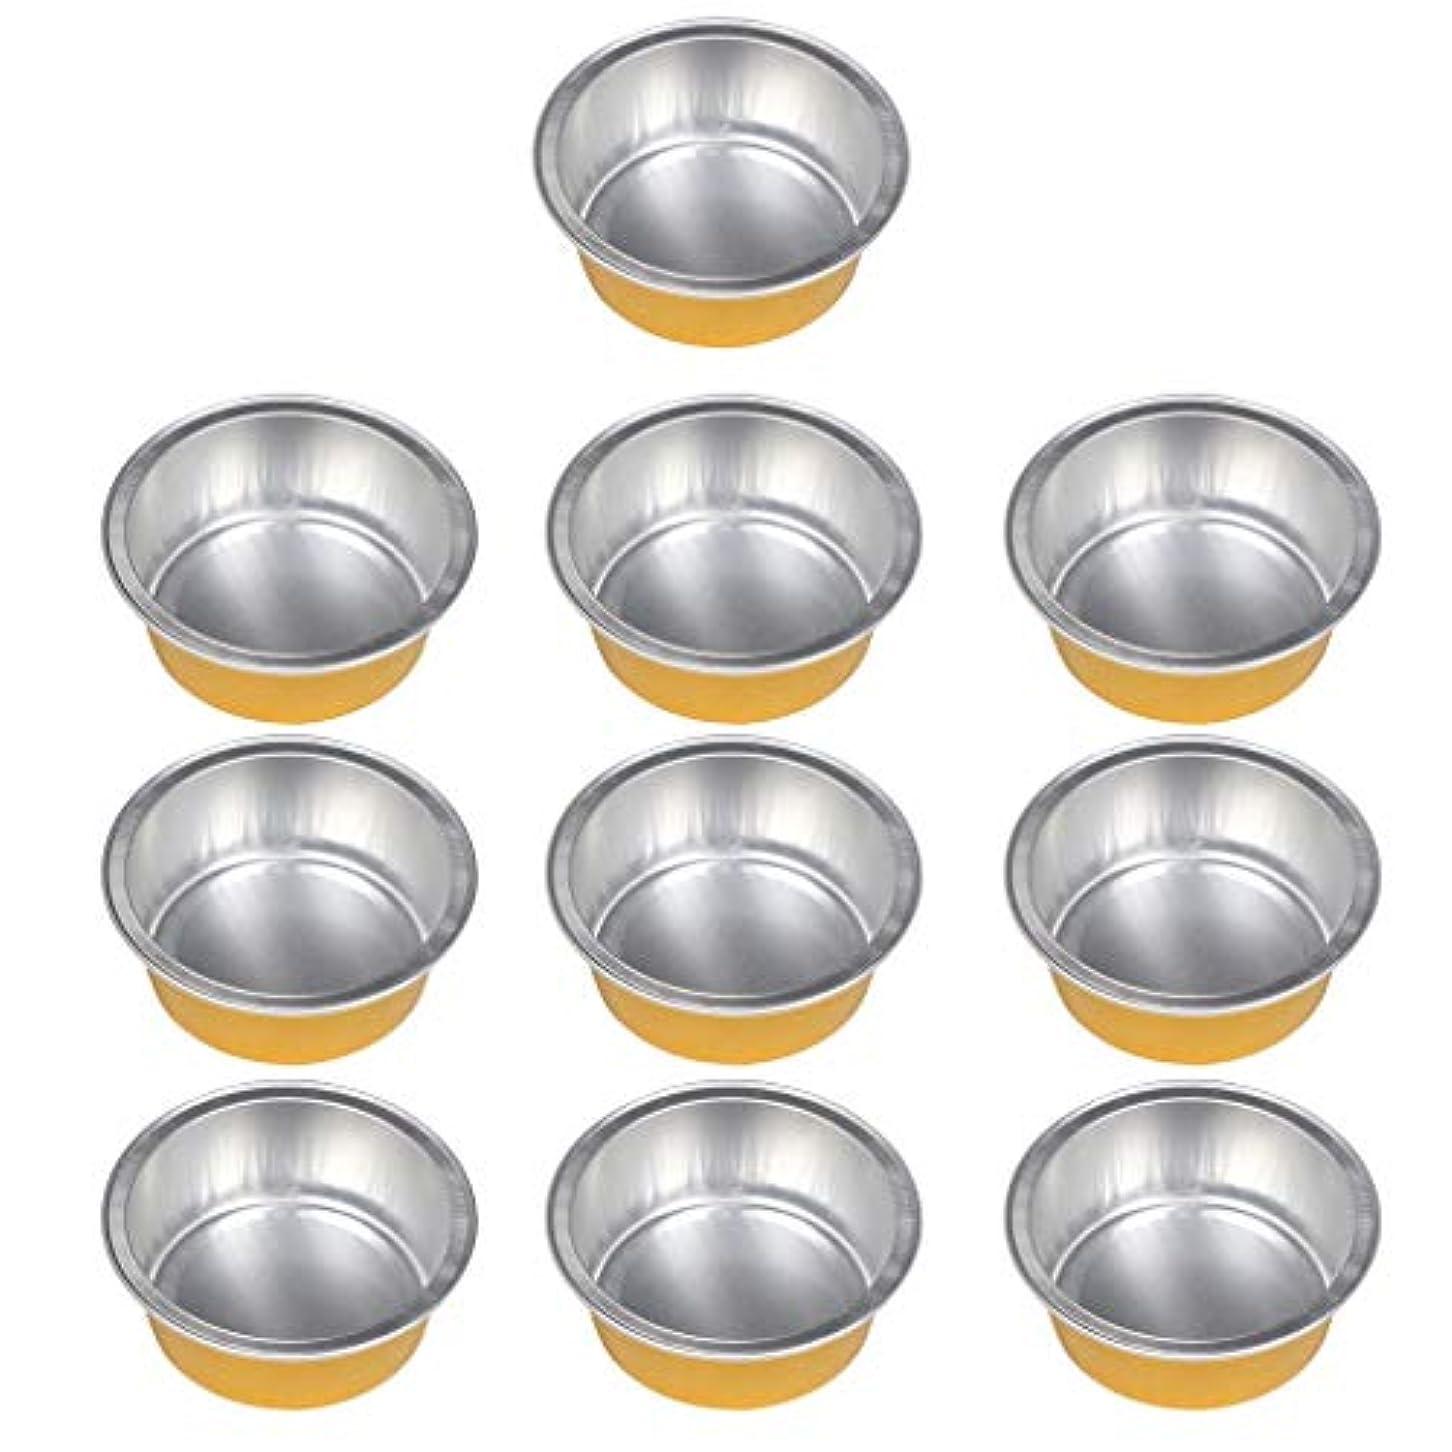 勝者クリエイティブ飲料10個 アルミホイルボウル ワックスボウル ミニボウル ワックス豆体 融解ケース 衛生 2種選ぶ - ゴールデン1, 01